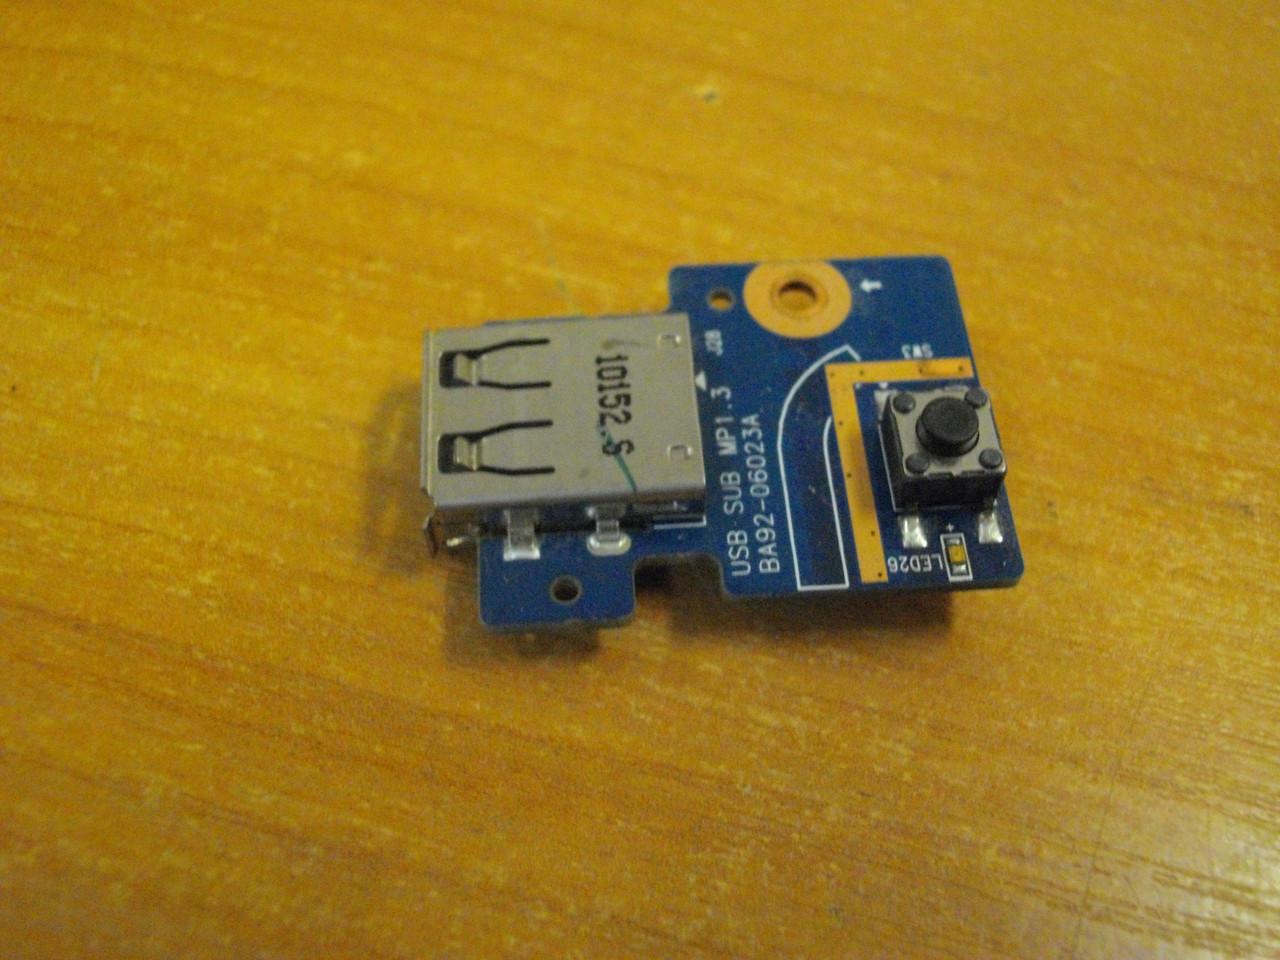 Плата з кнопкою включення і USB портом BA92-06023A Samsung R425 бу